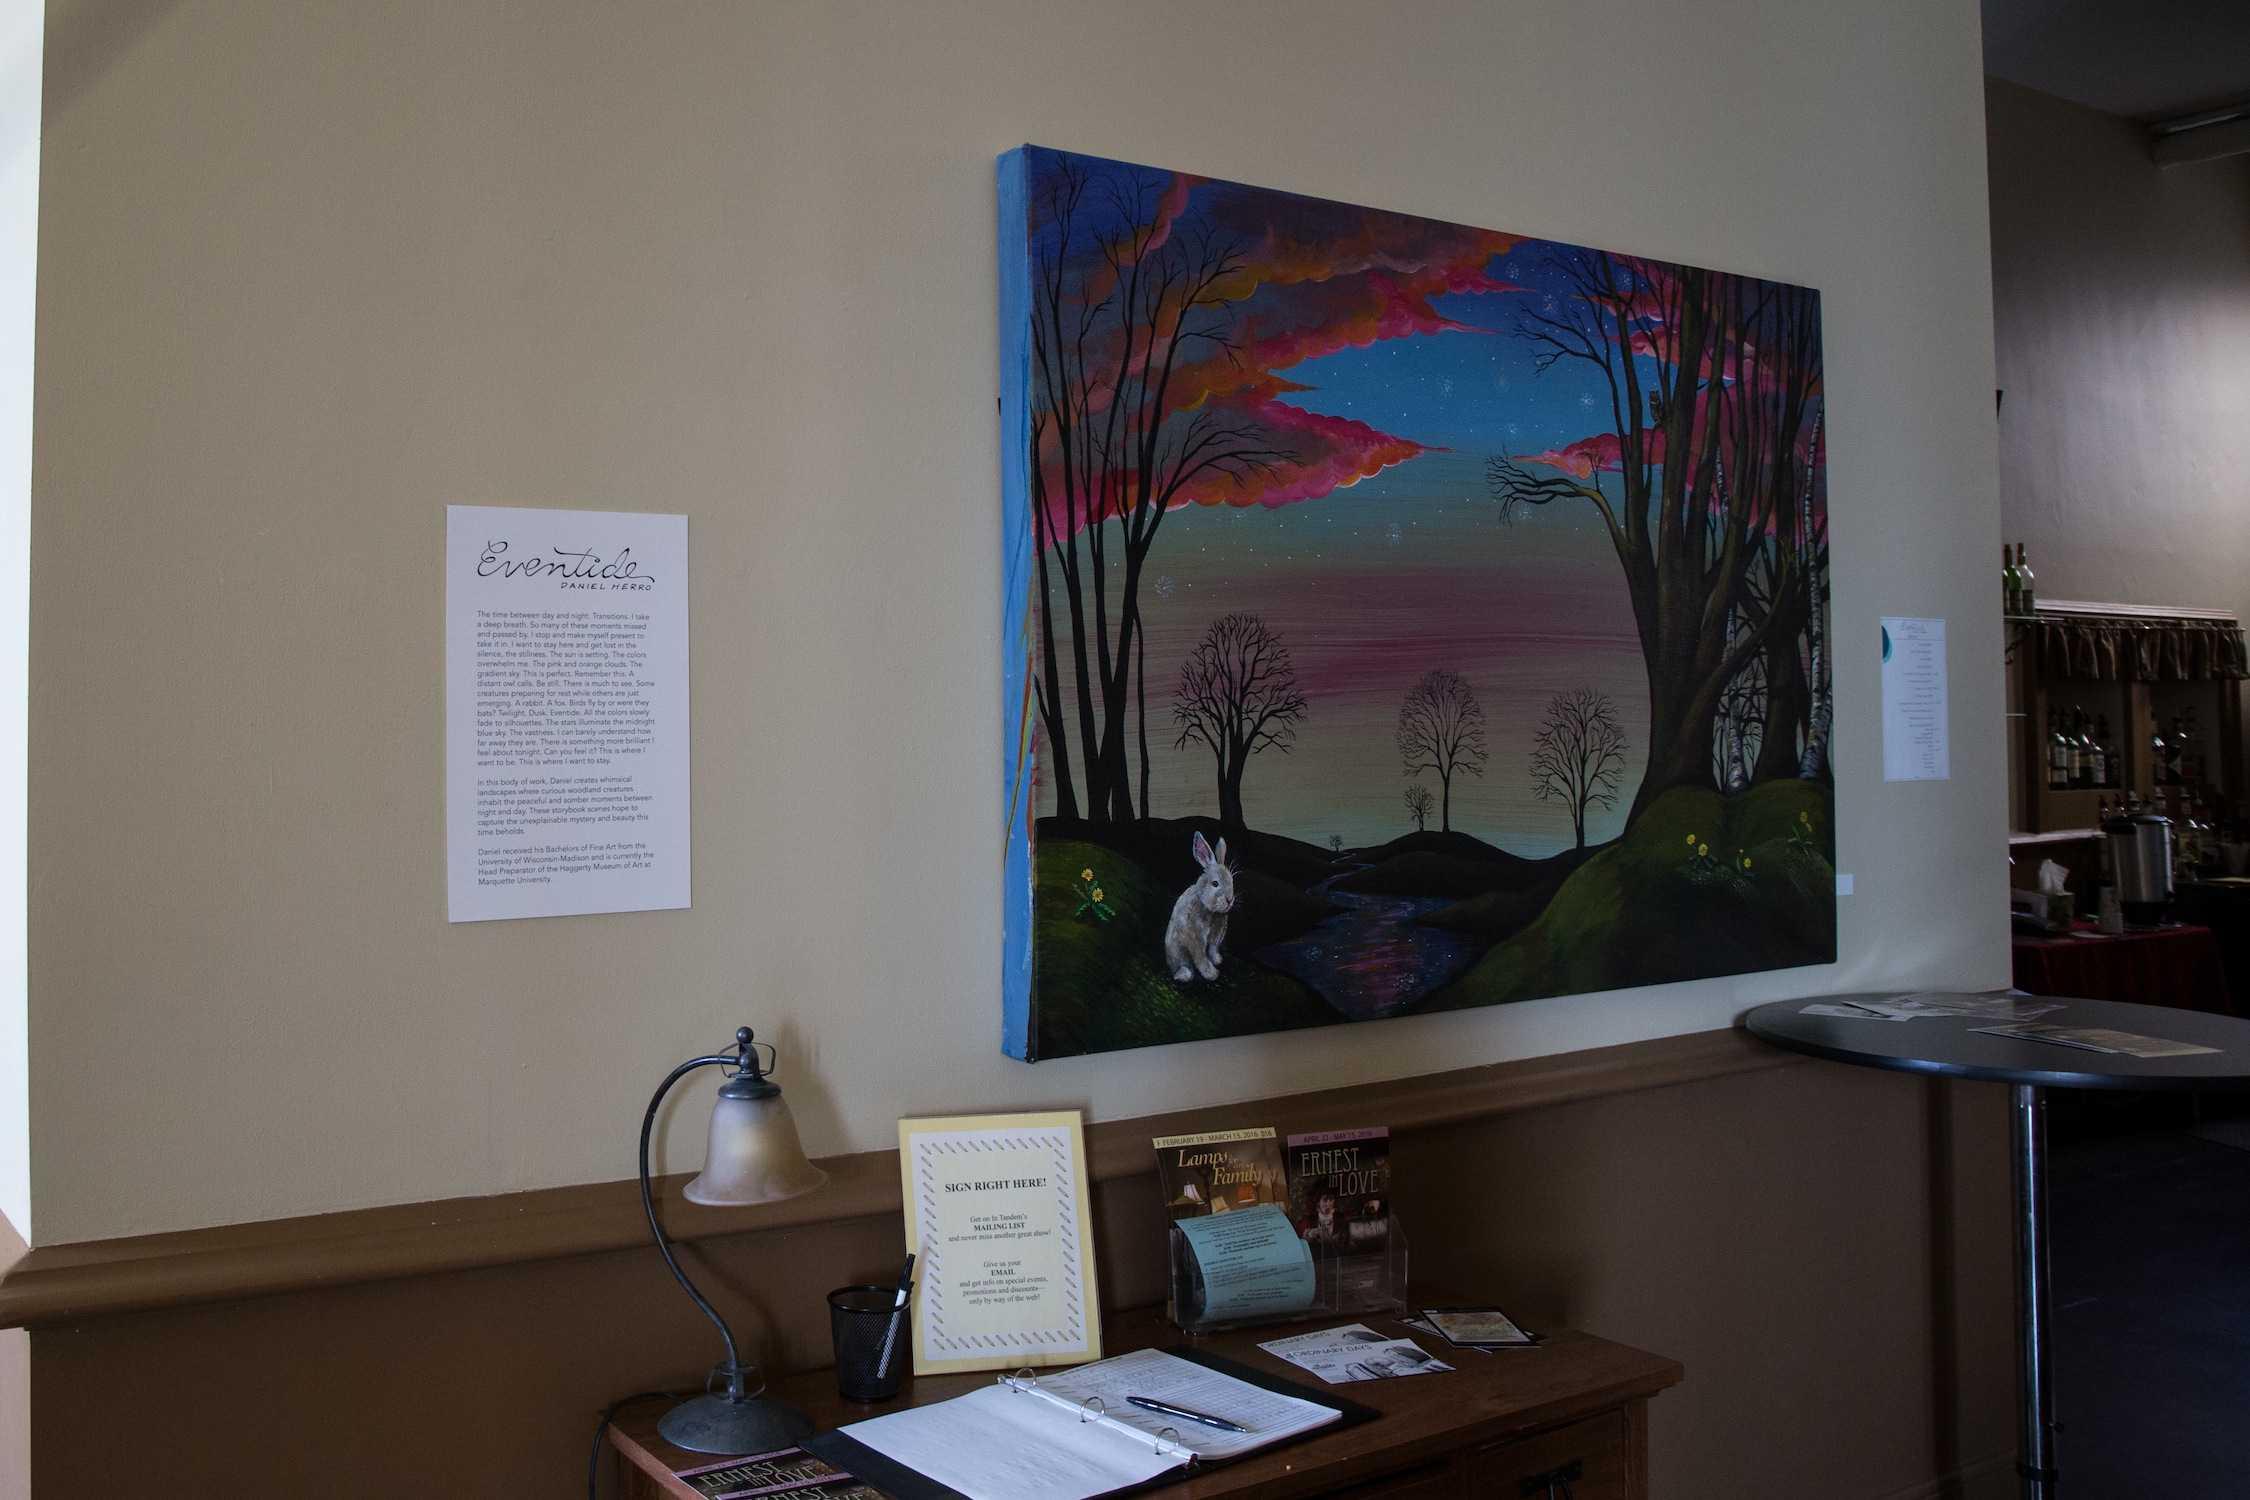 The exhibit,